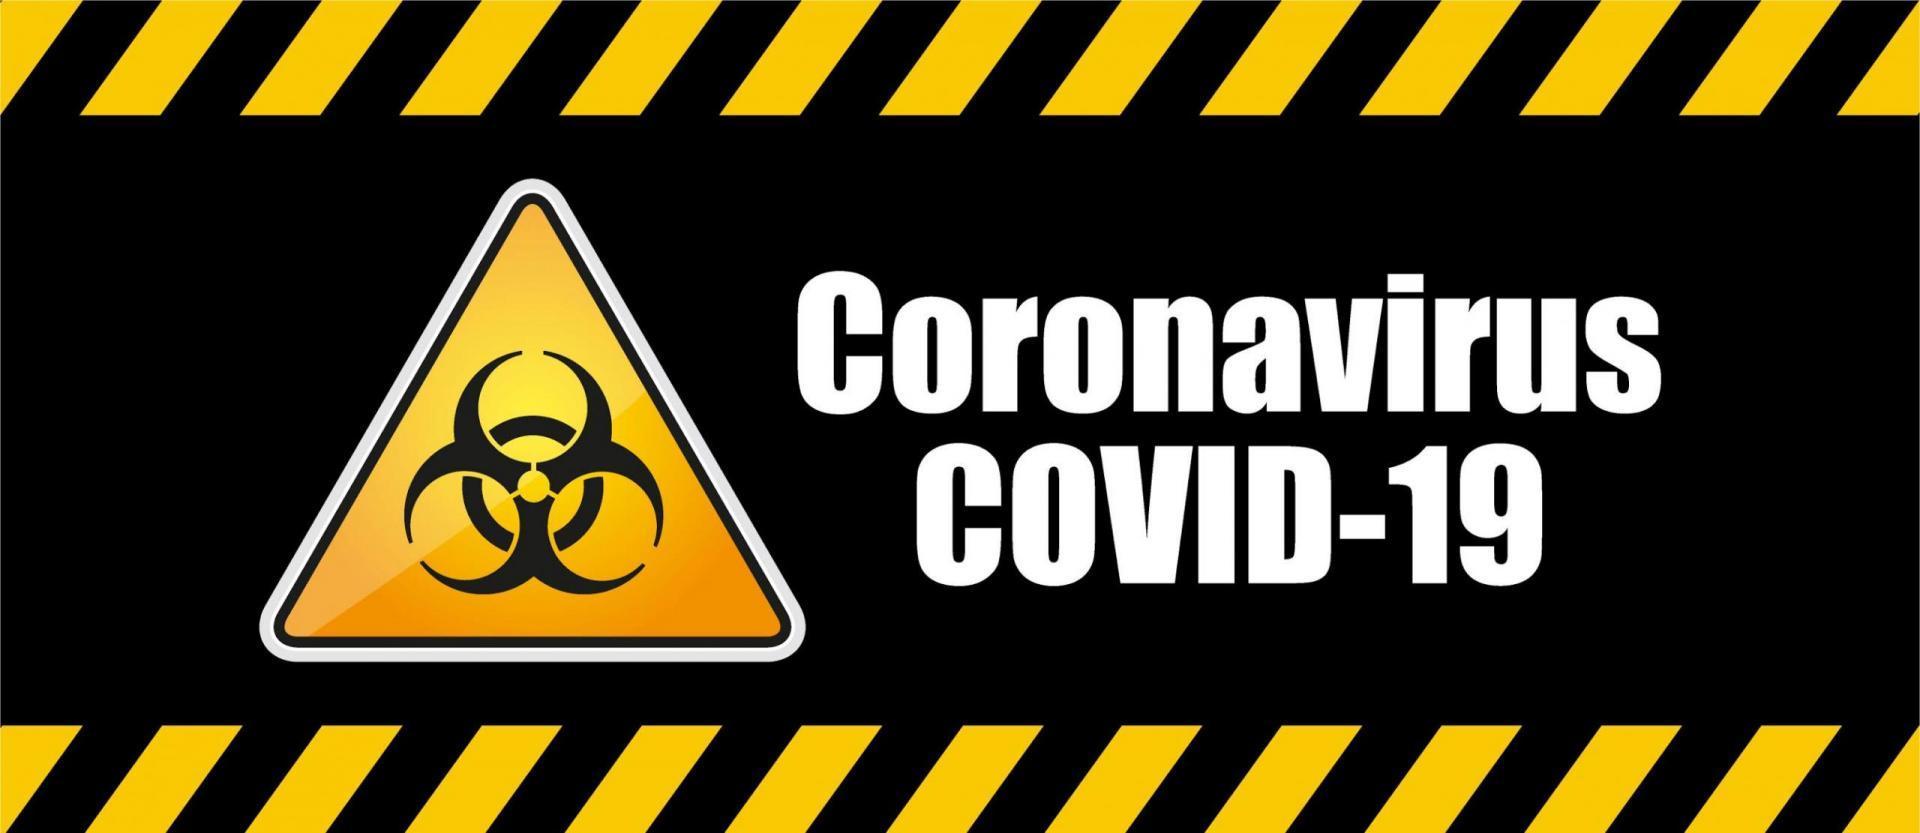 Covid 19 black